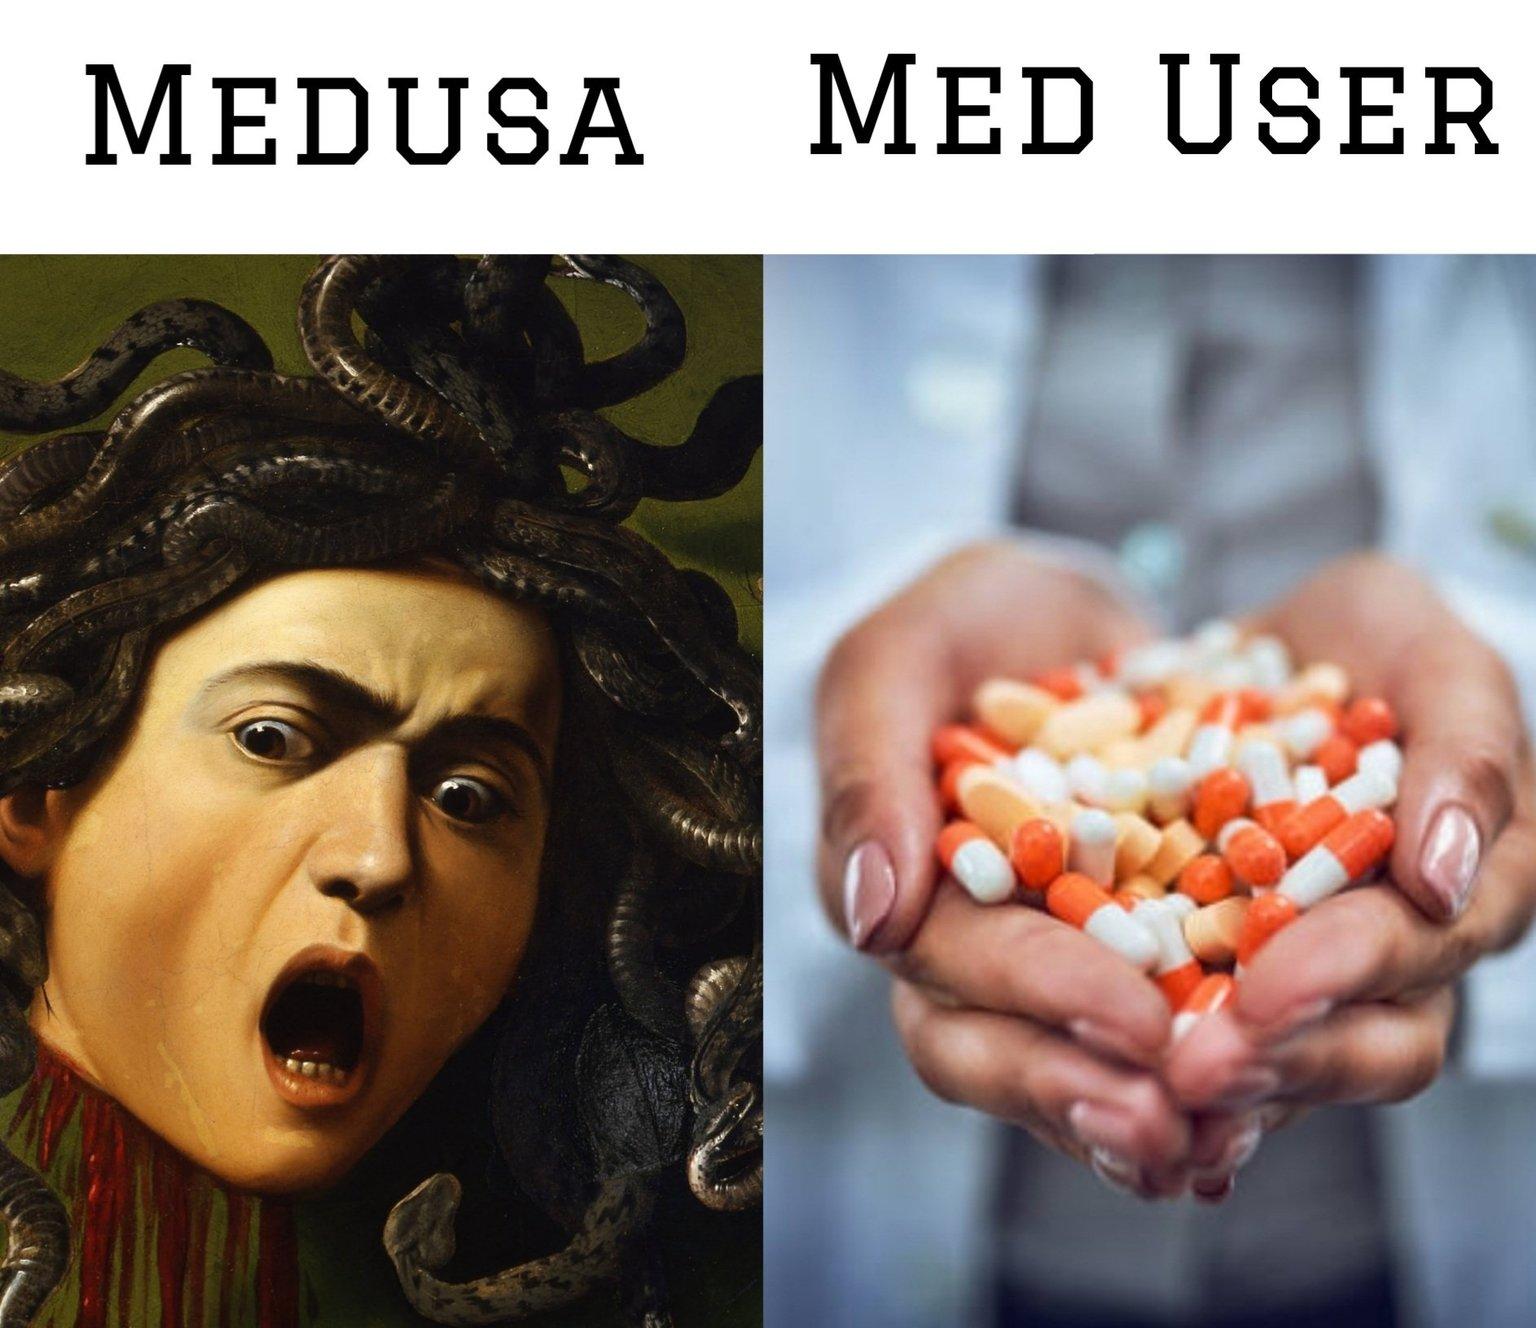 Med med - meme